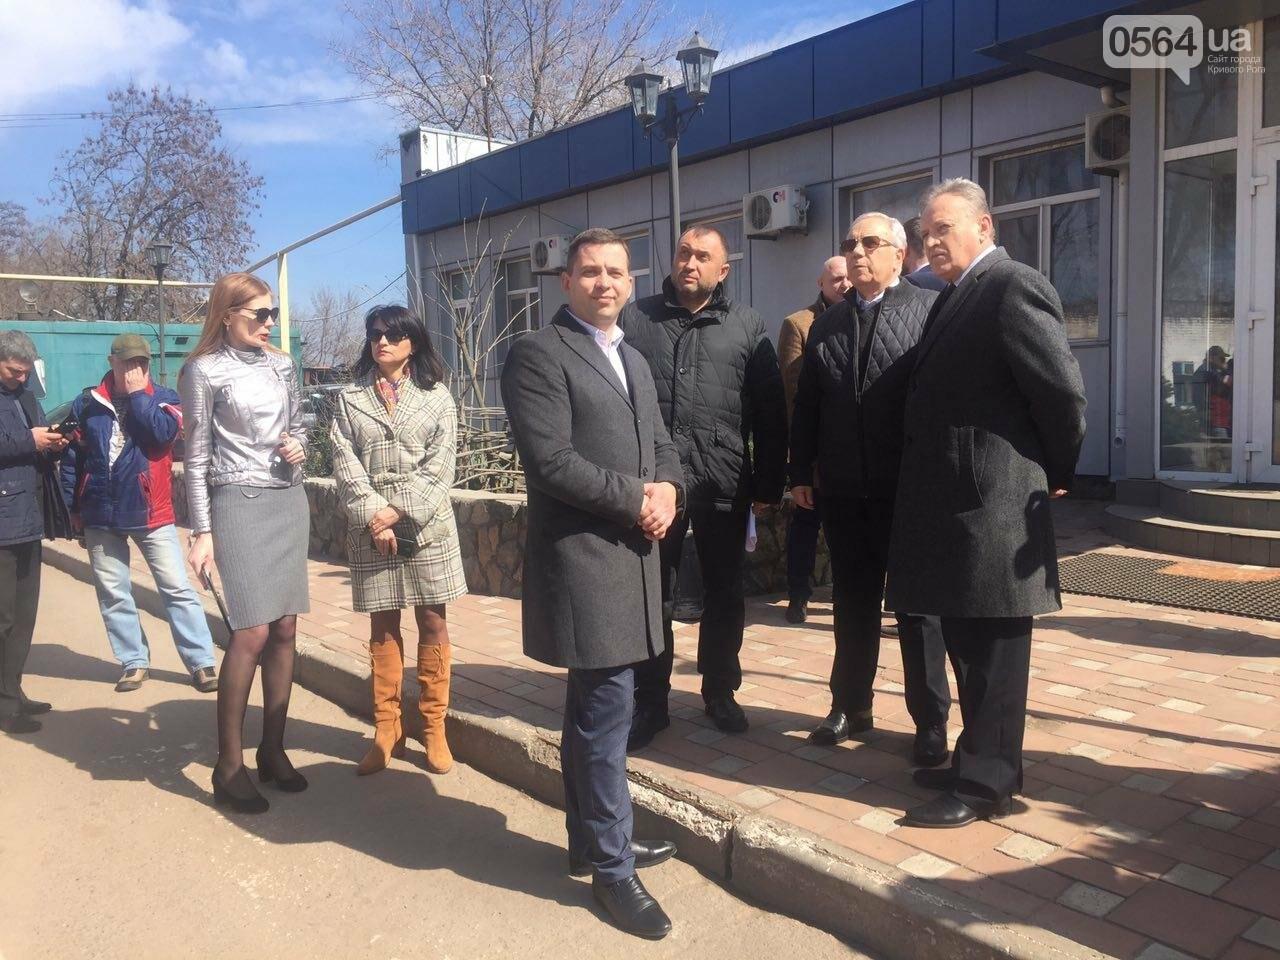 В Кривом Роге запустили первый асфальтный завод и рассказали о планах по ремонту дорог (ФОТО), фото-8